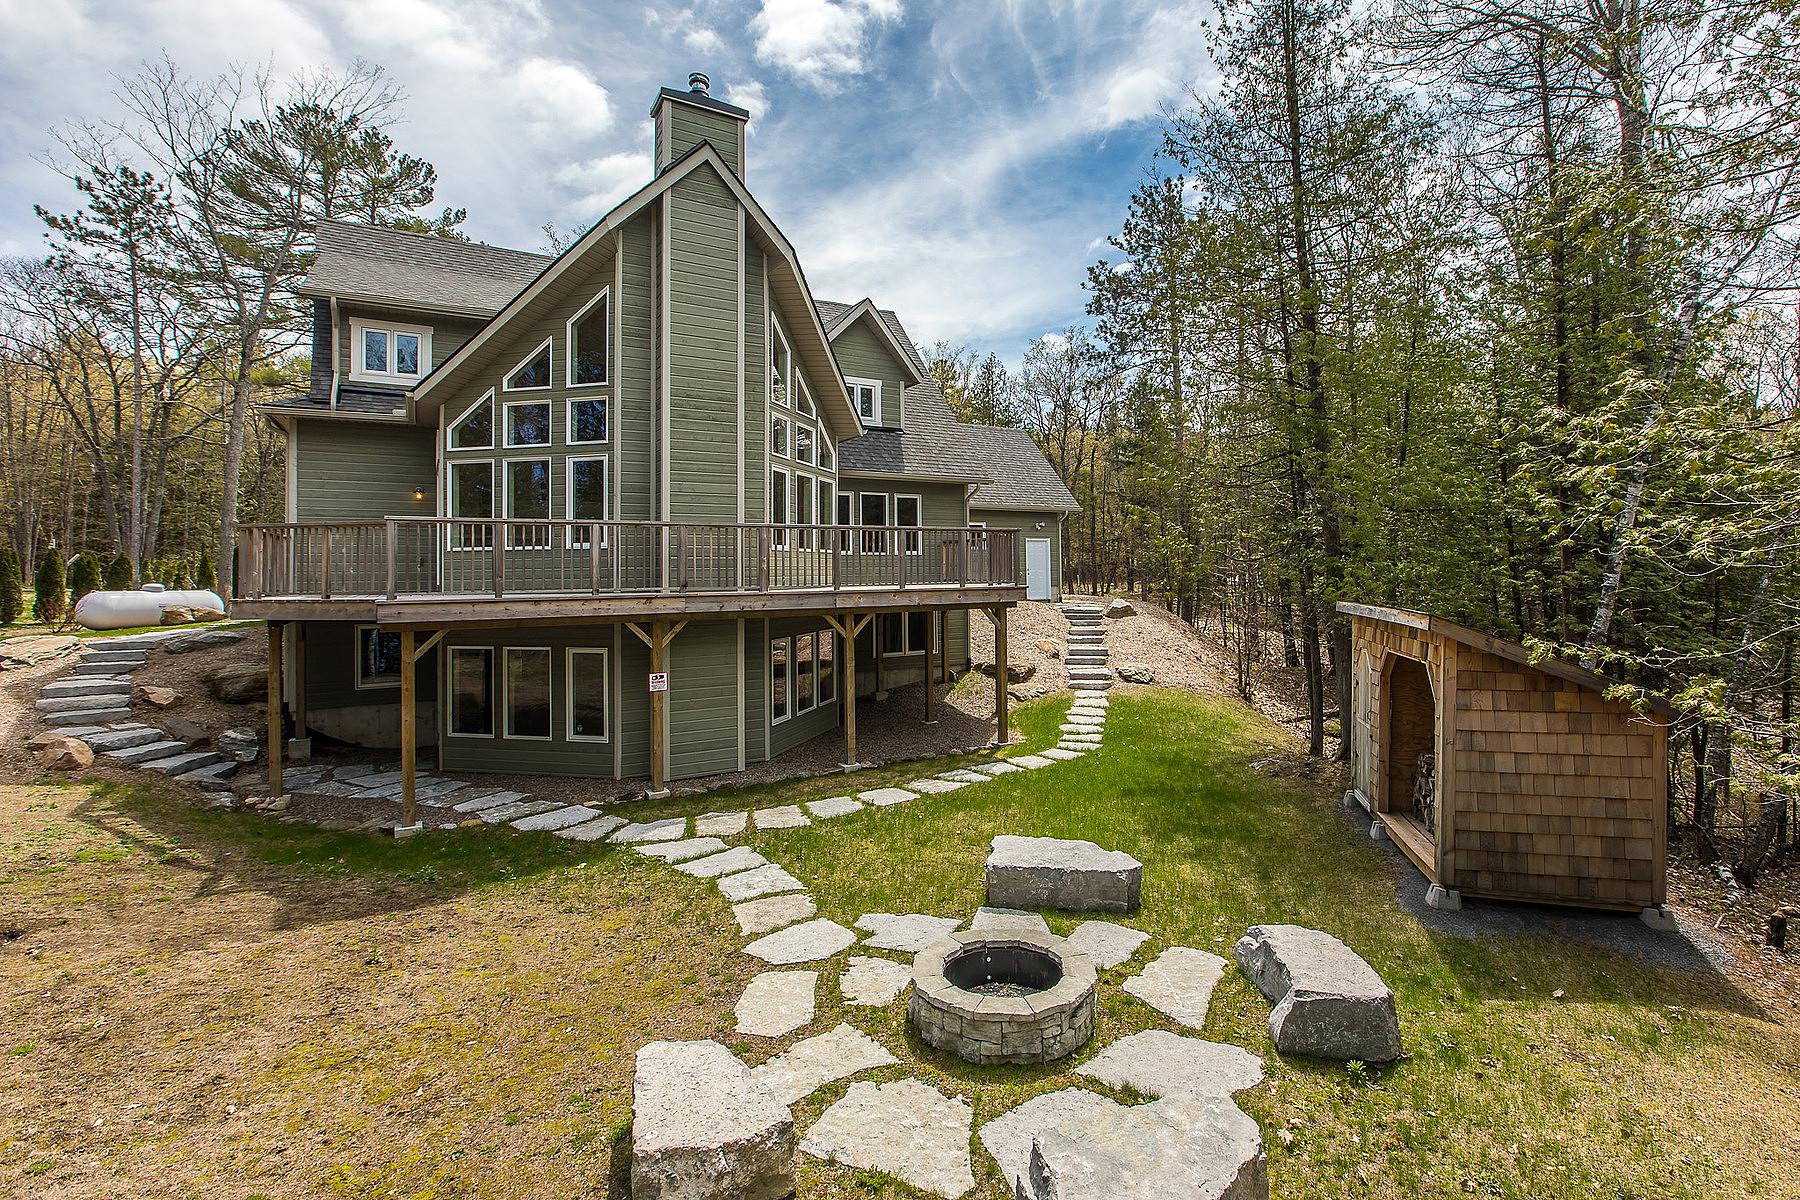 Частный односемейный дом для того Продажа на Kawartha Viceroy Lakehouse 250 Fire Route 36, Kawartha Lakes, Онтарио, K0L 3G0 Канада